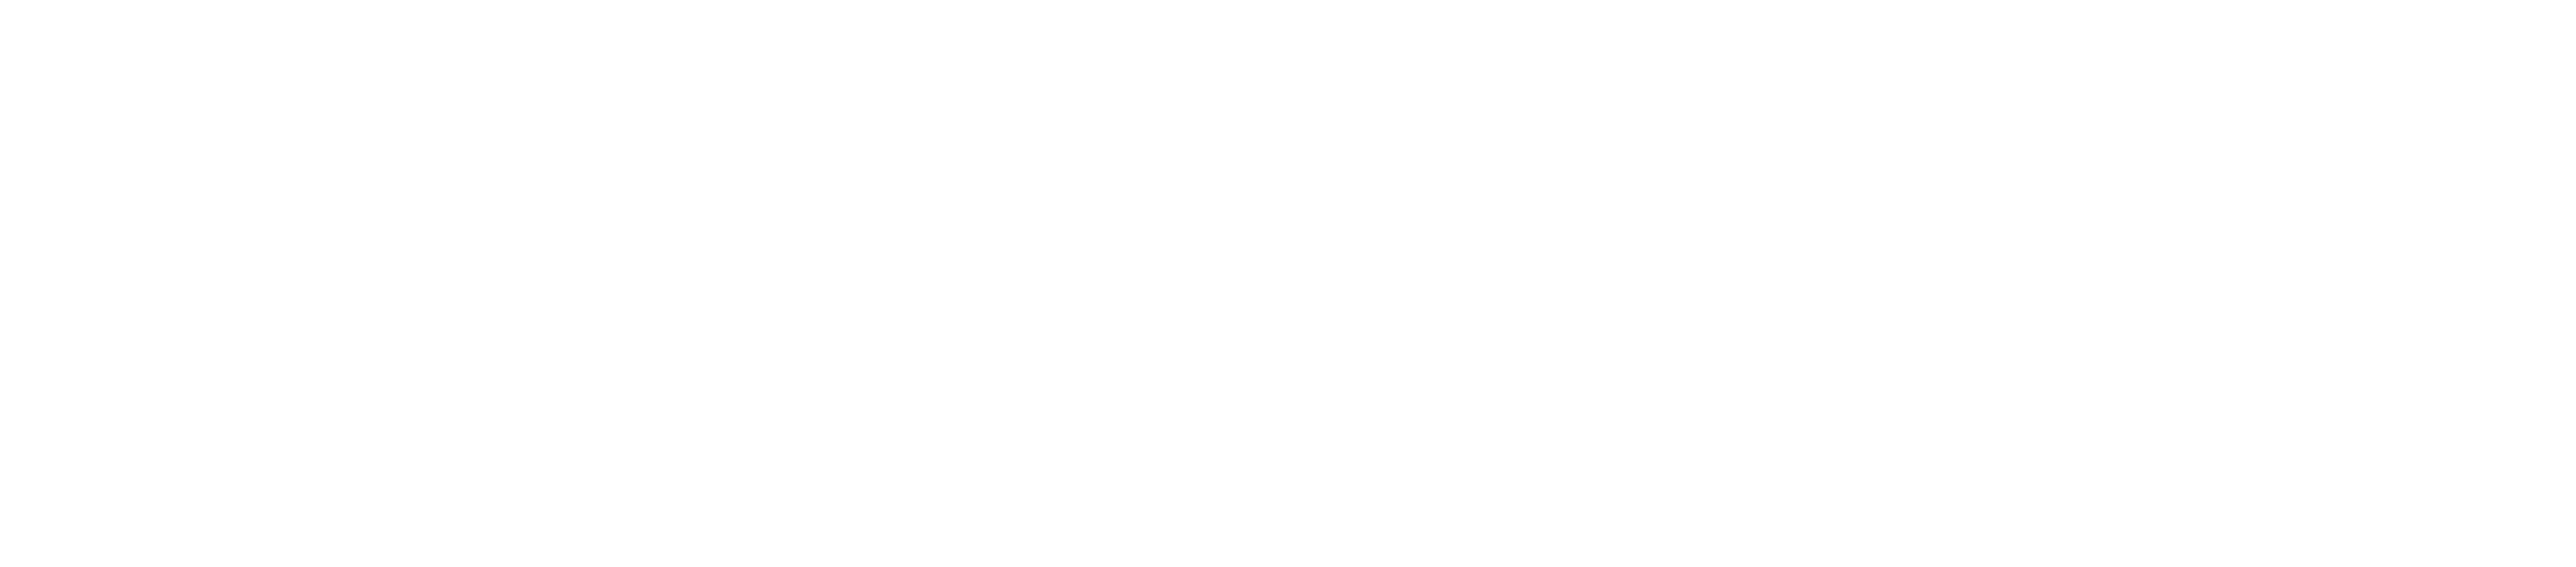 Haas Crane & Equipment Rentals LLC